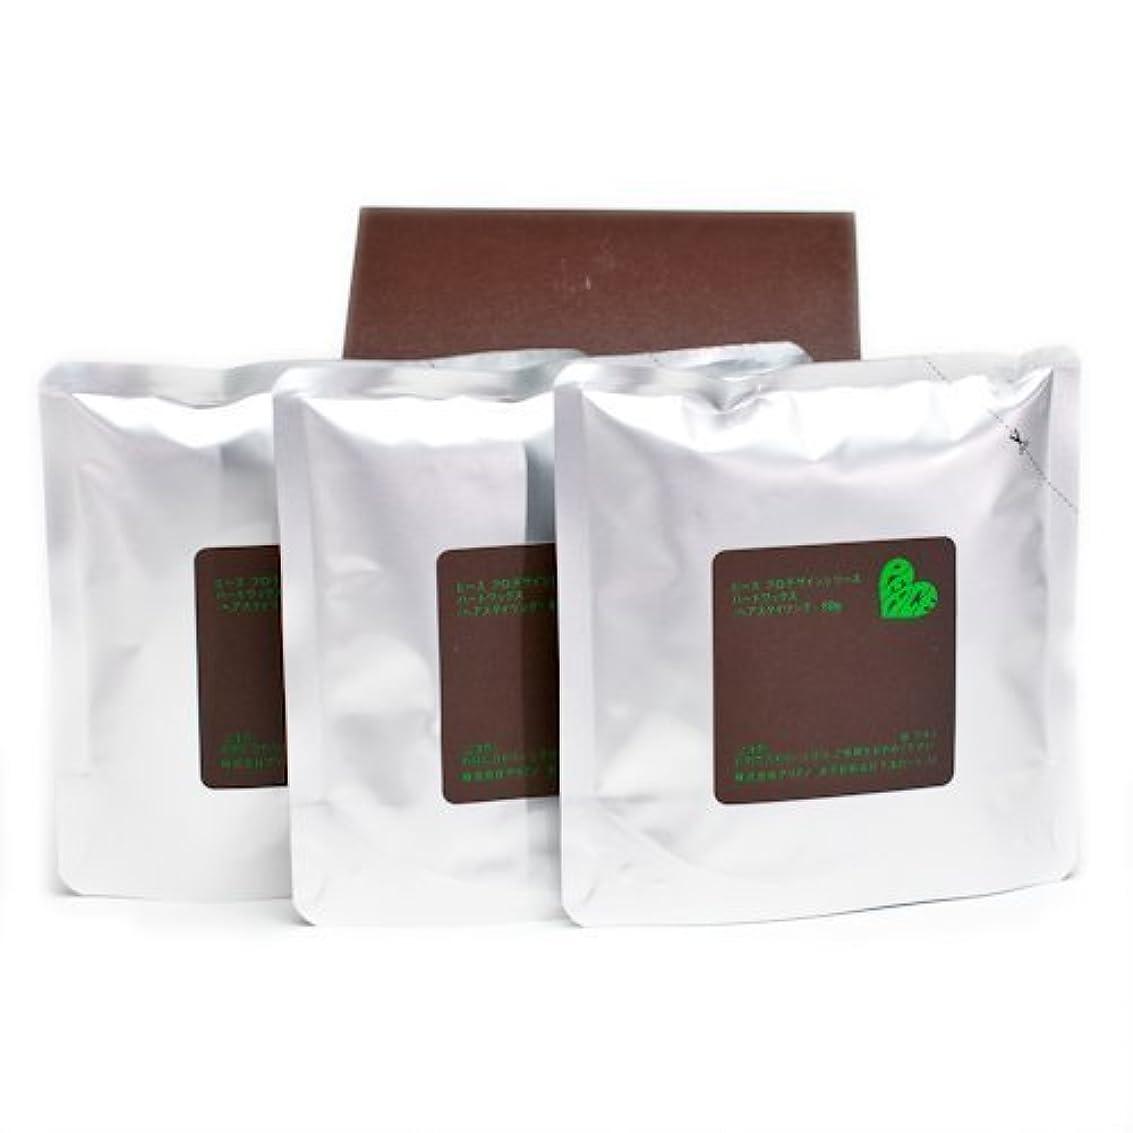 ハム削除するレンディションアリミノ ピース ハードワックス (チョコ) 80g(業務?詰替用)×3個入り